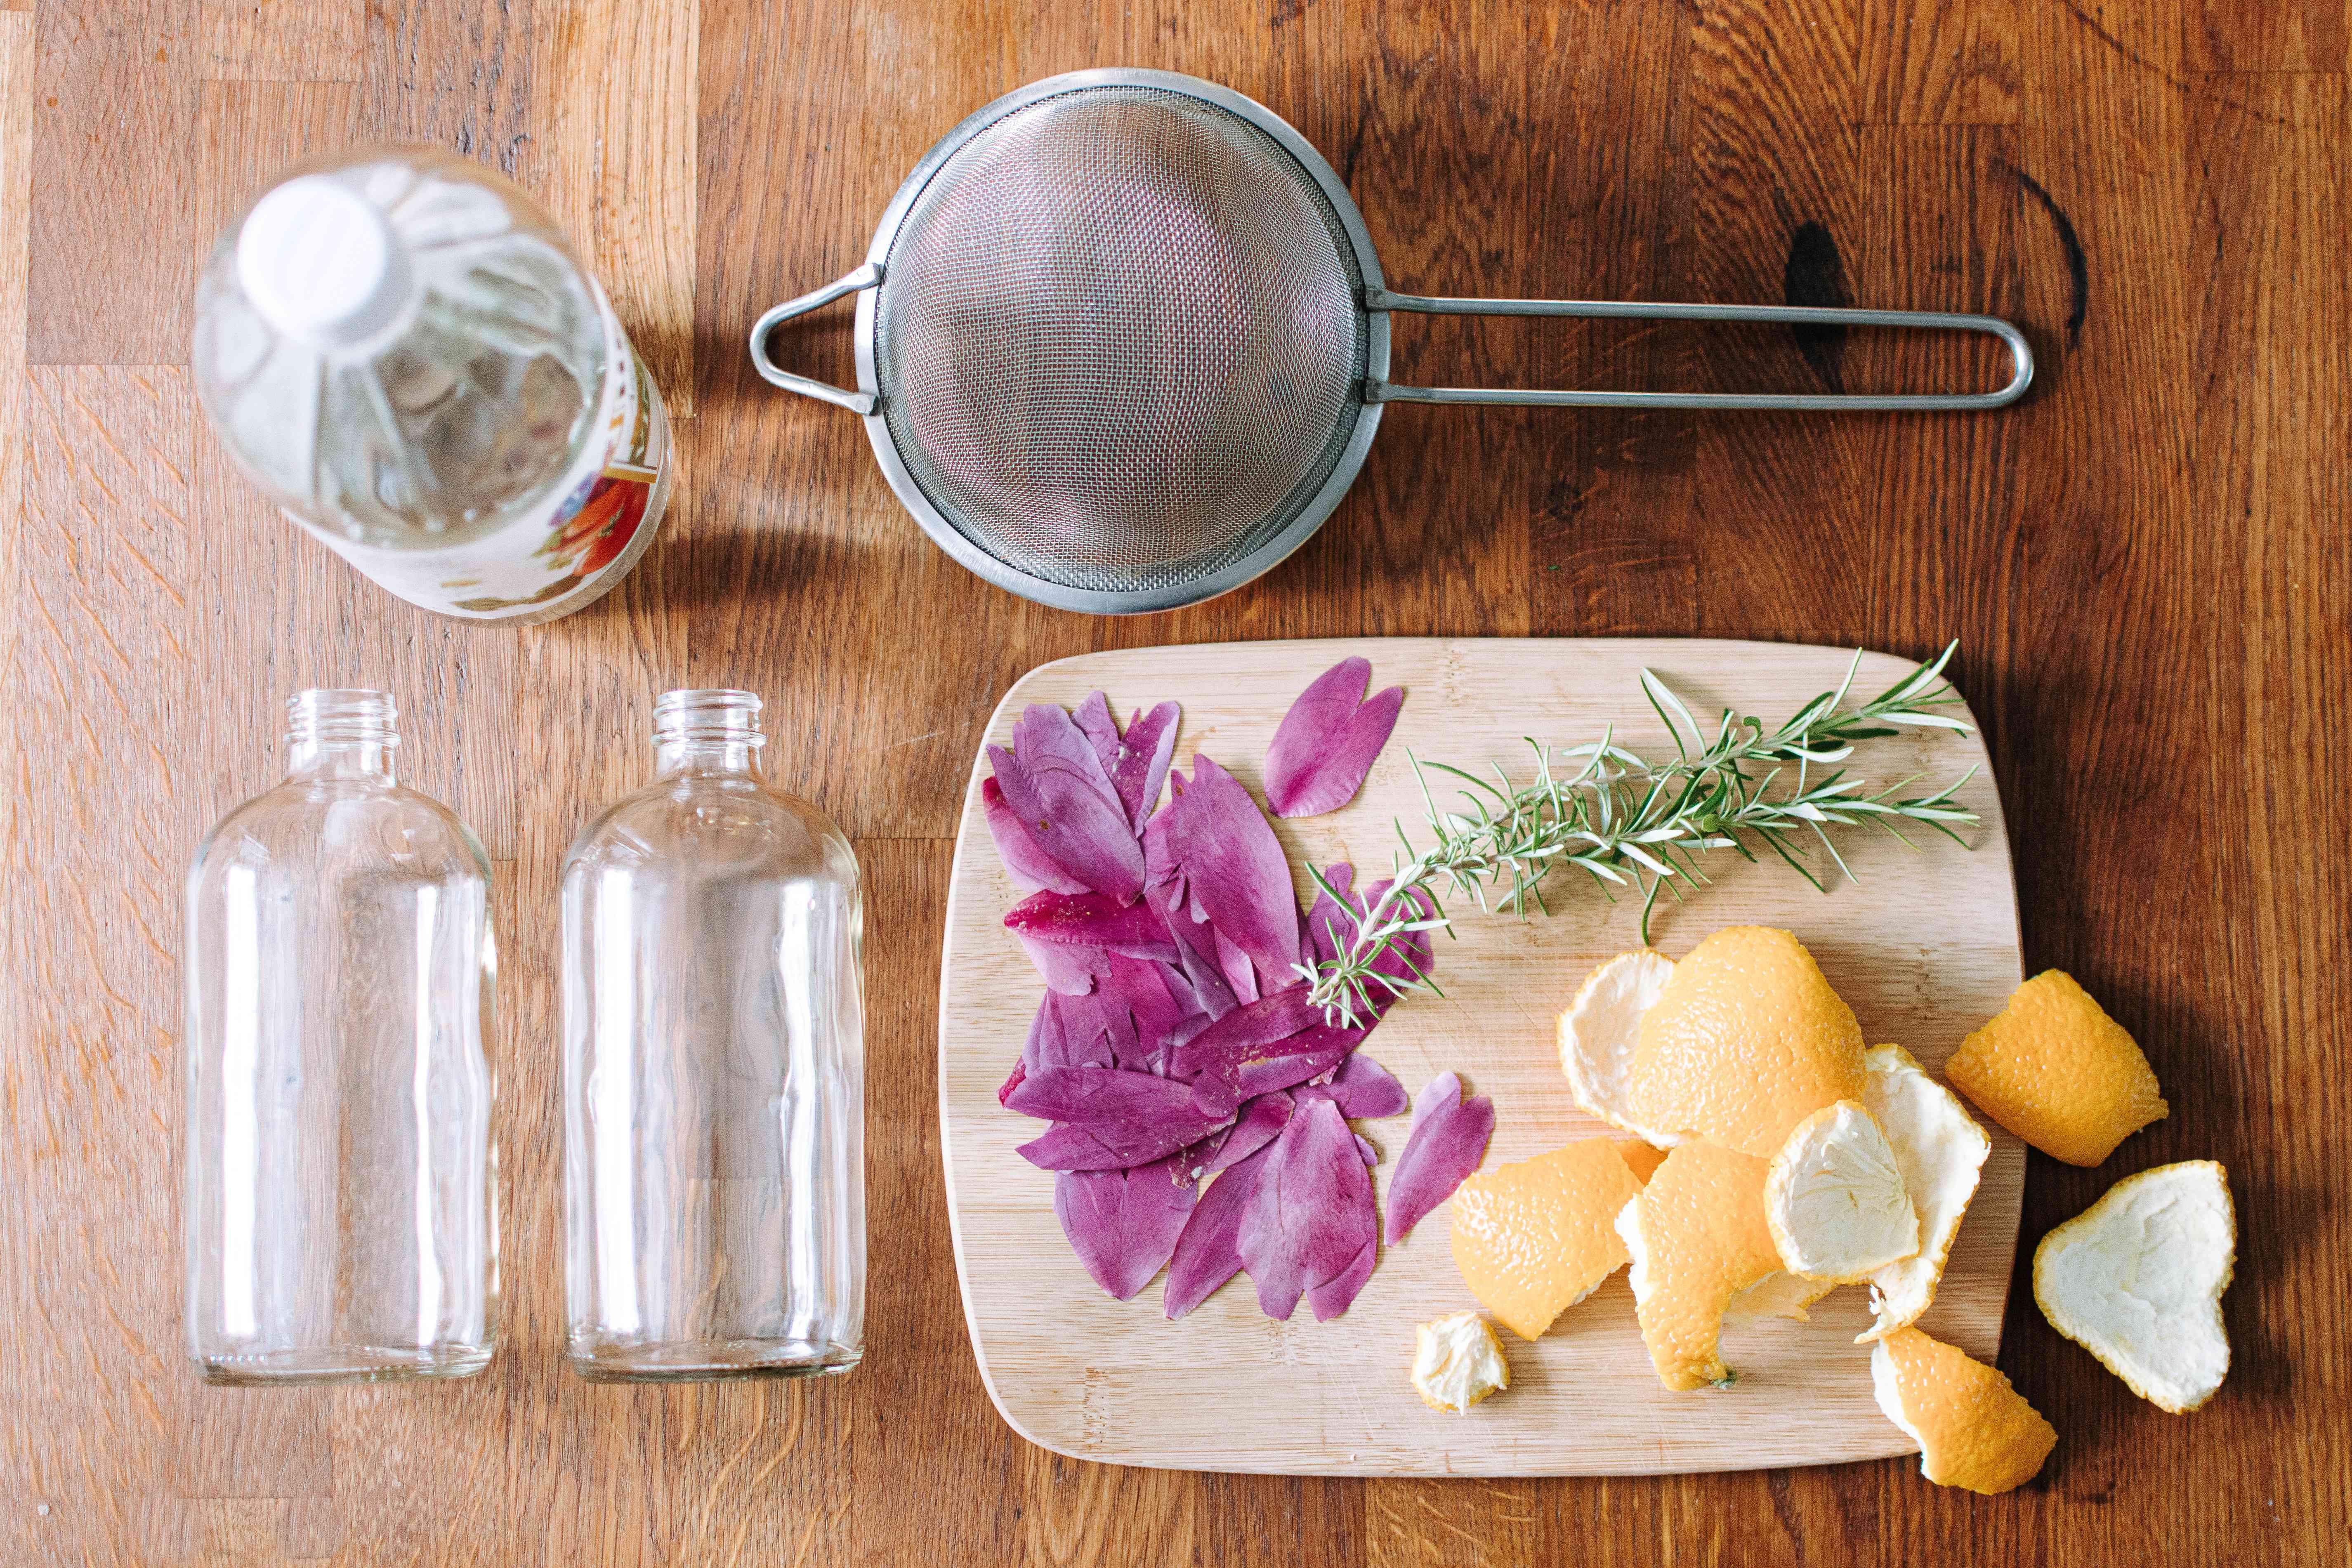 ingredientes para hacer un ambientador de bricolaje